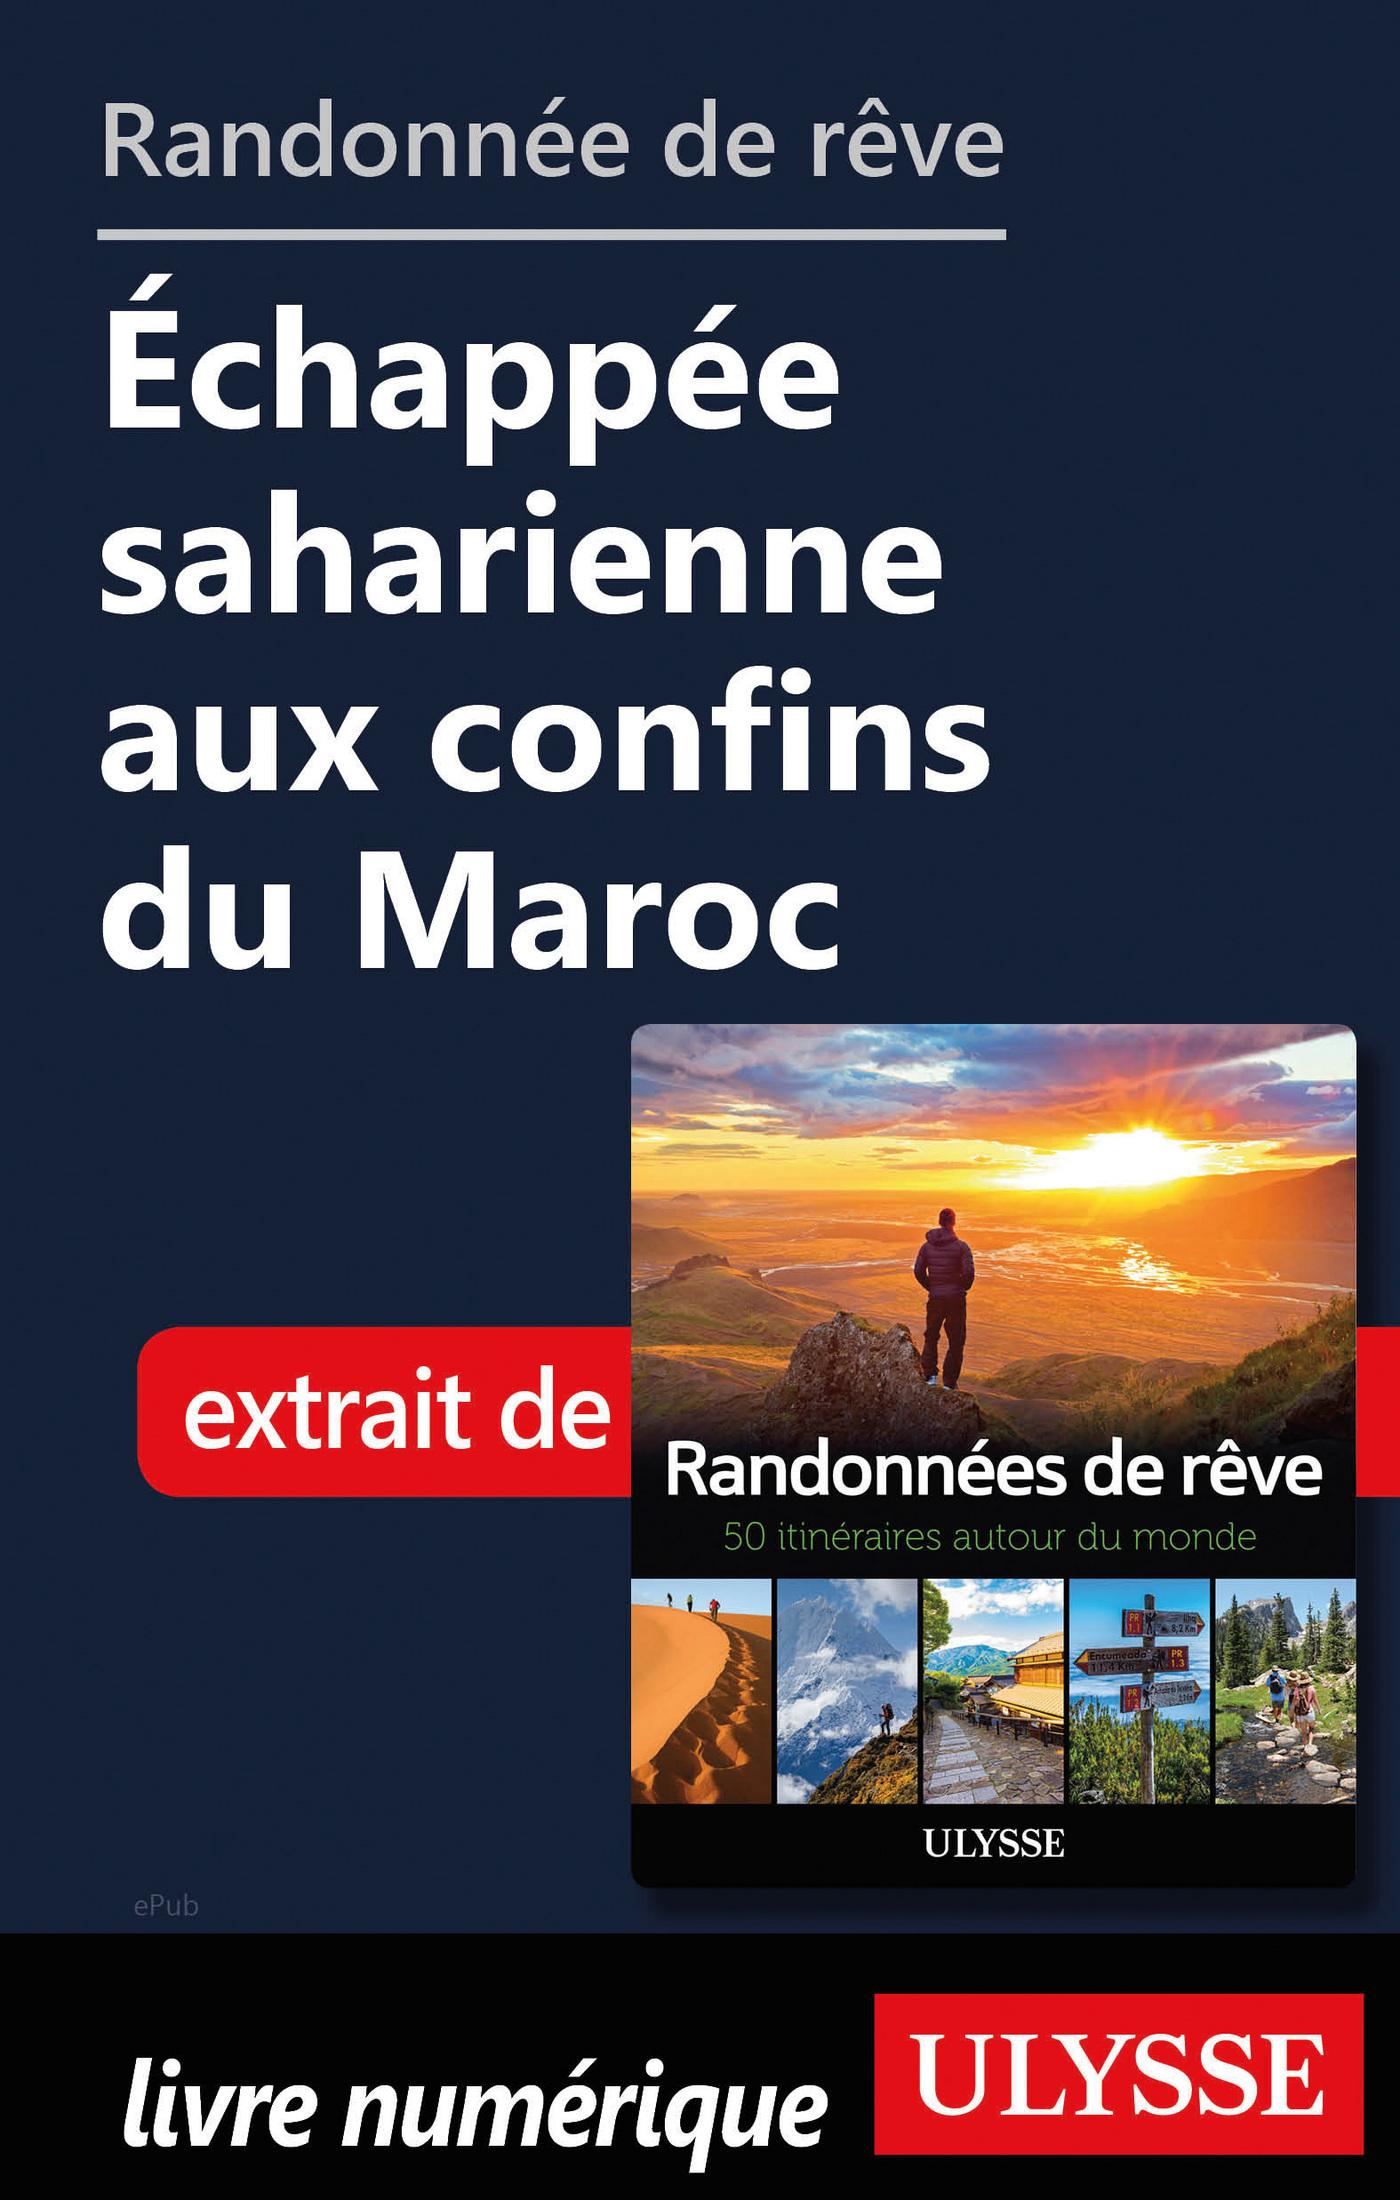 Randonnée de rêve - Echappée saharienne aux confins du Maroc